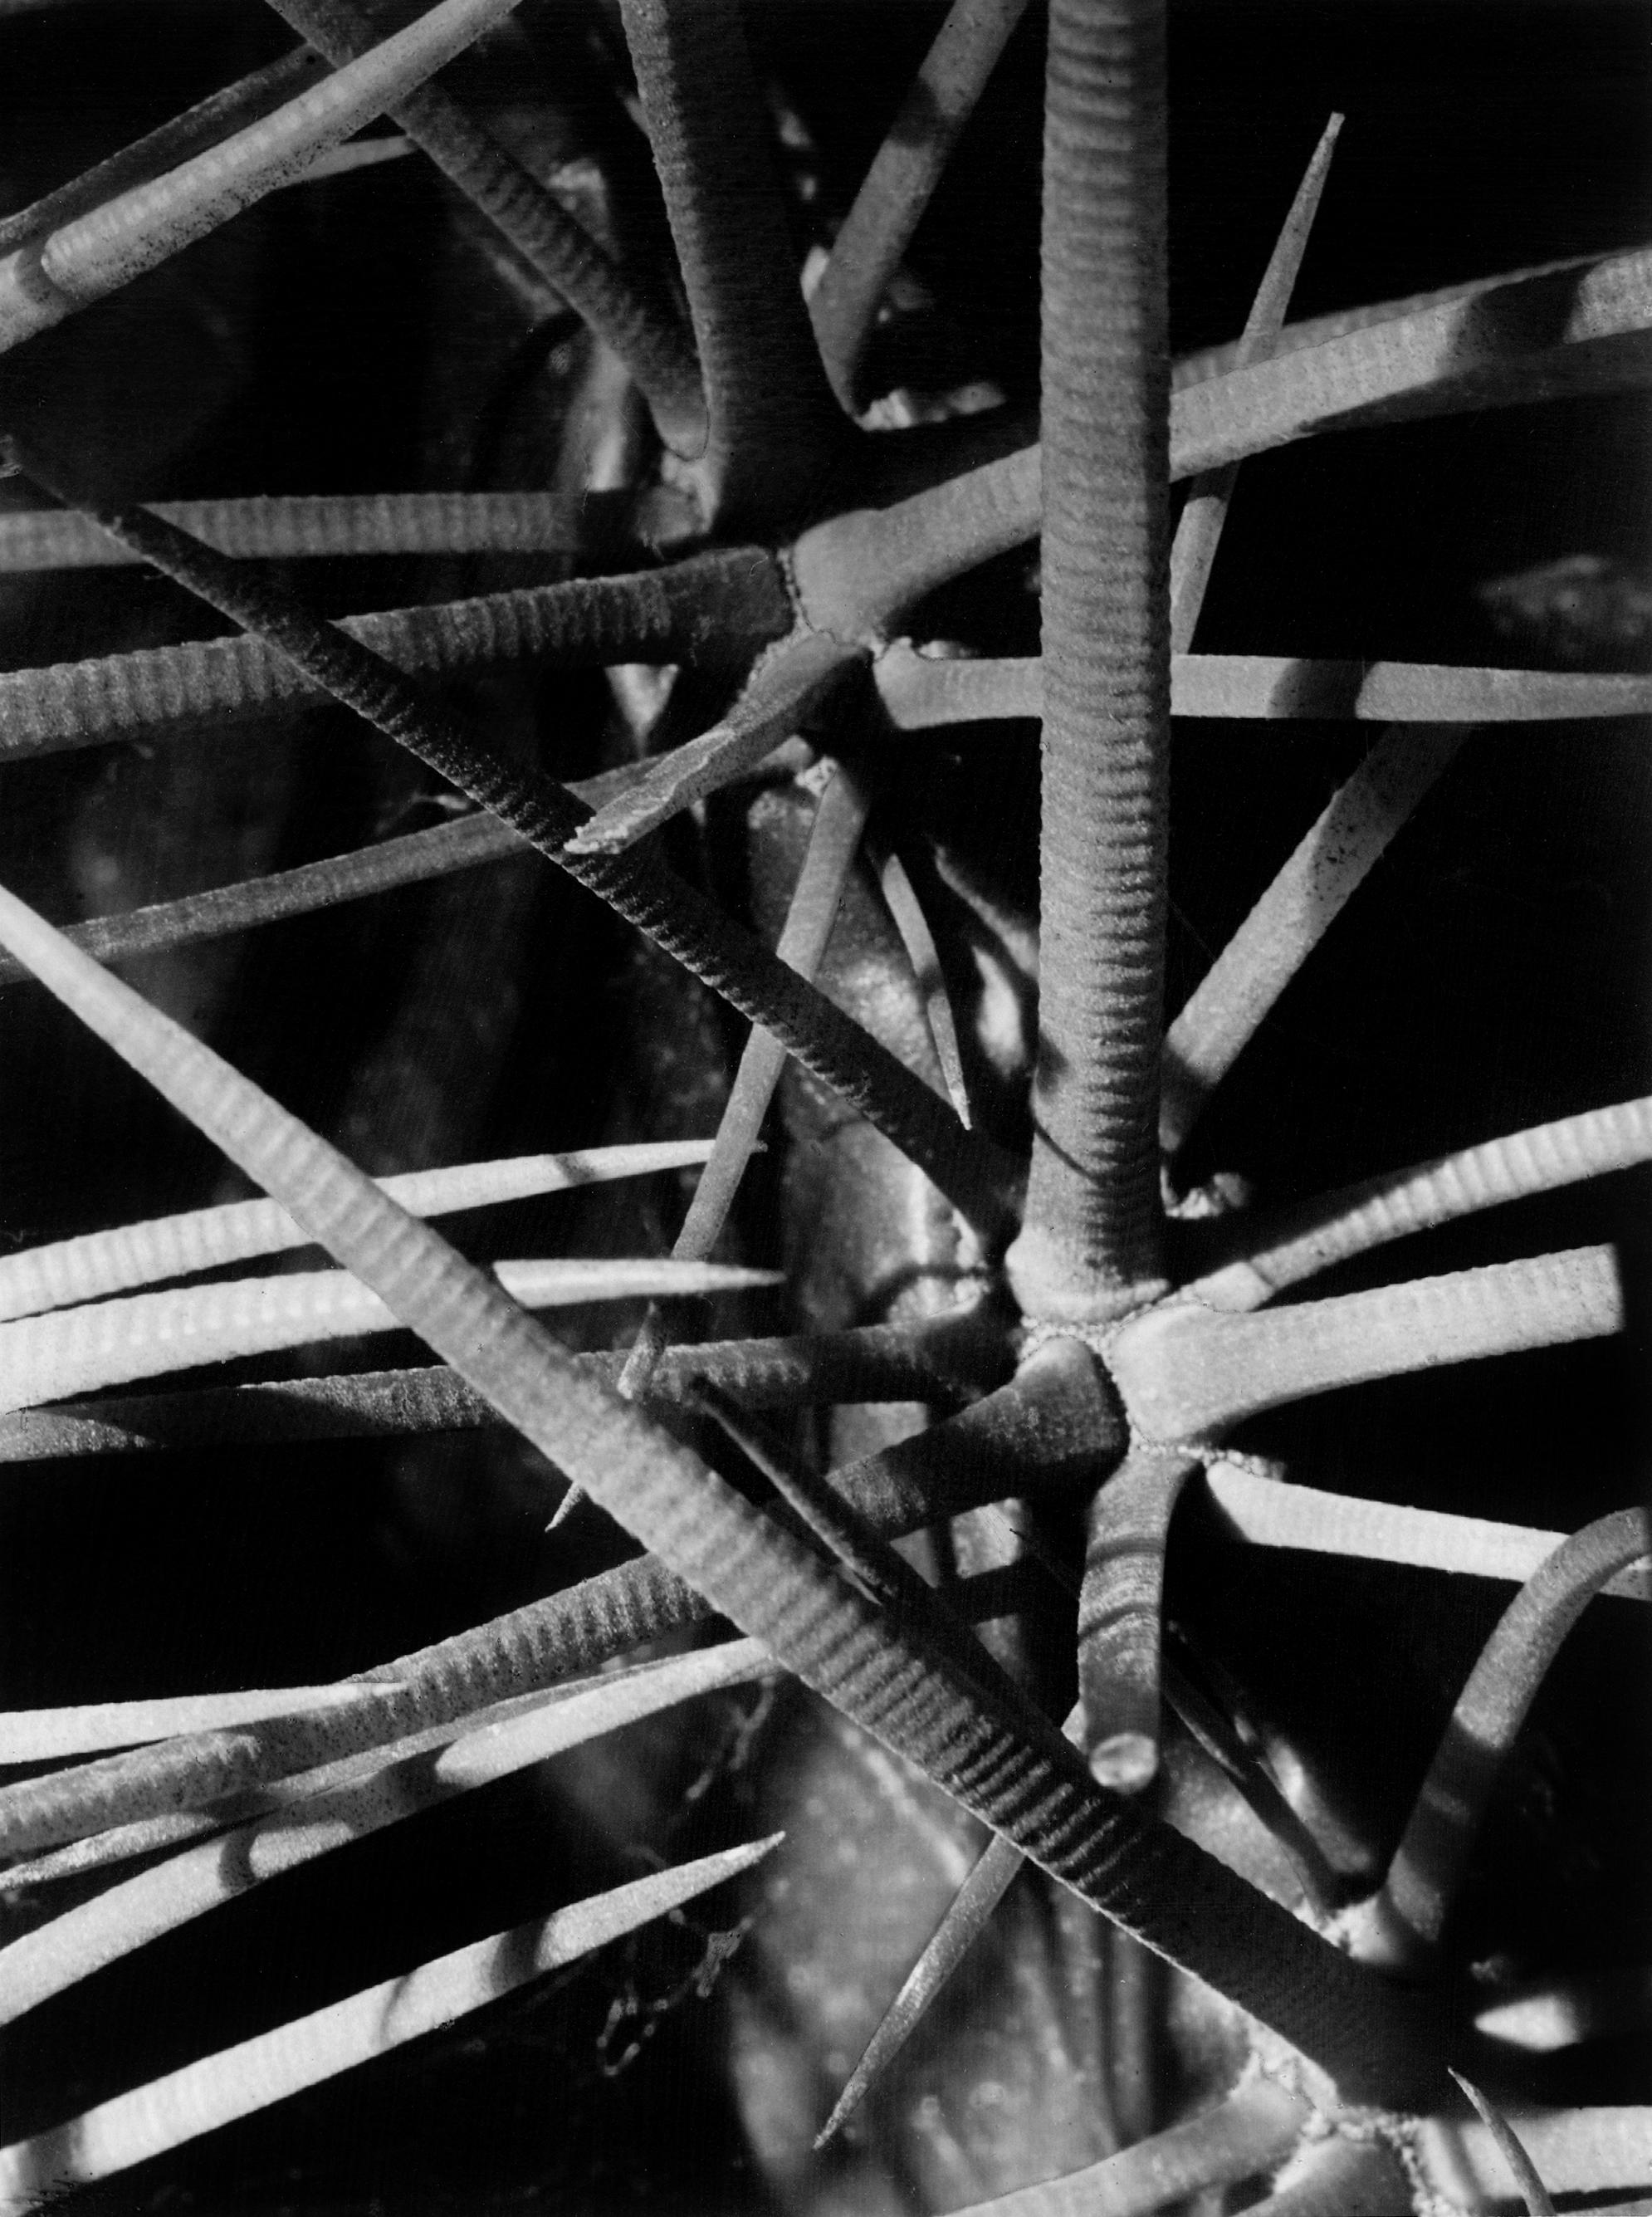 Fred Koch (1904-1947) Echinocactus grusonii/Schwiegermutterstuhl, Cactaceae/Kakteen, um 1930 Silbergelatineabzug auf Barytpapier, 22,7 x 16,7 cm Fred Koch - Courtesy Sammlung Ann und Jürgen Wilde, Zülpich